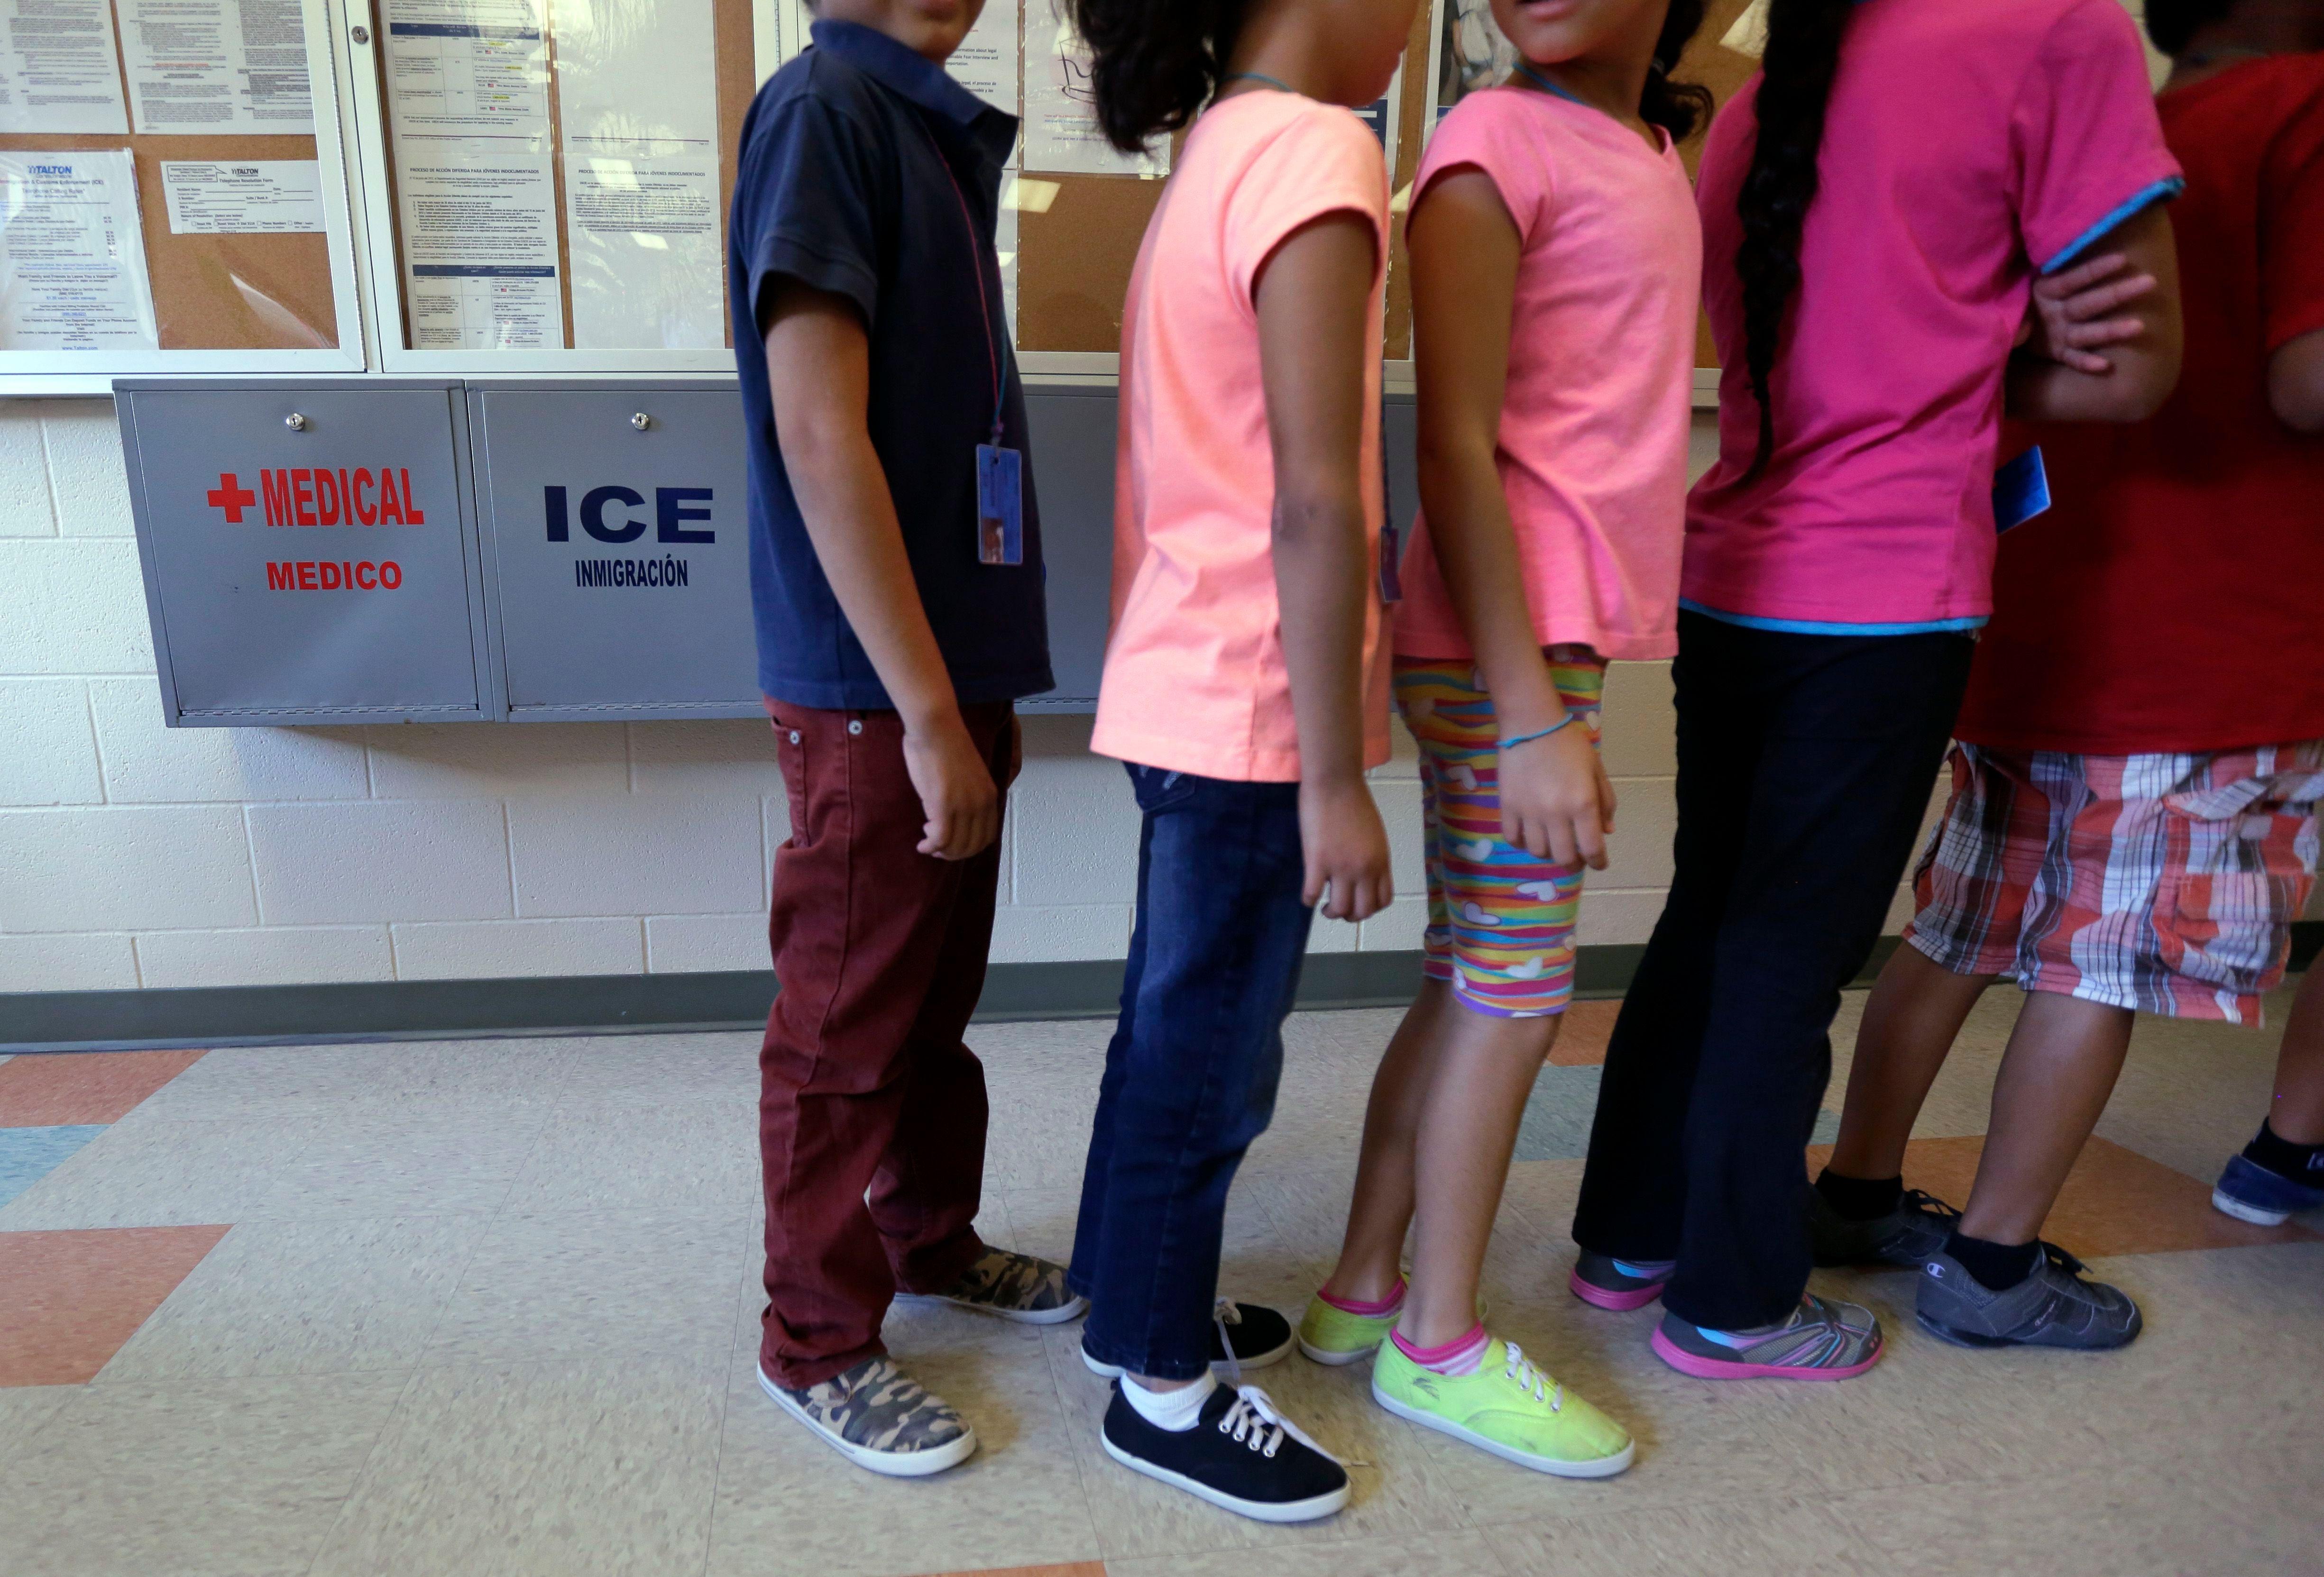 Niños migrantes detenidos en Karnes, Texas